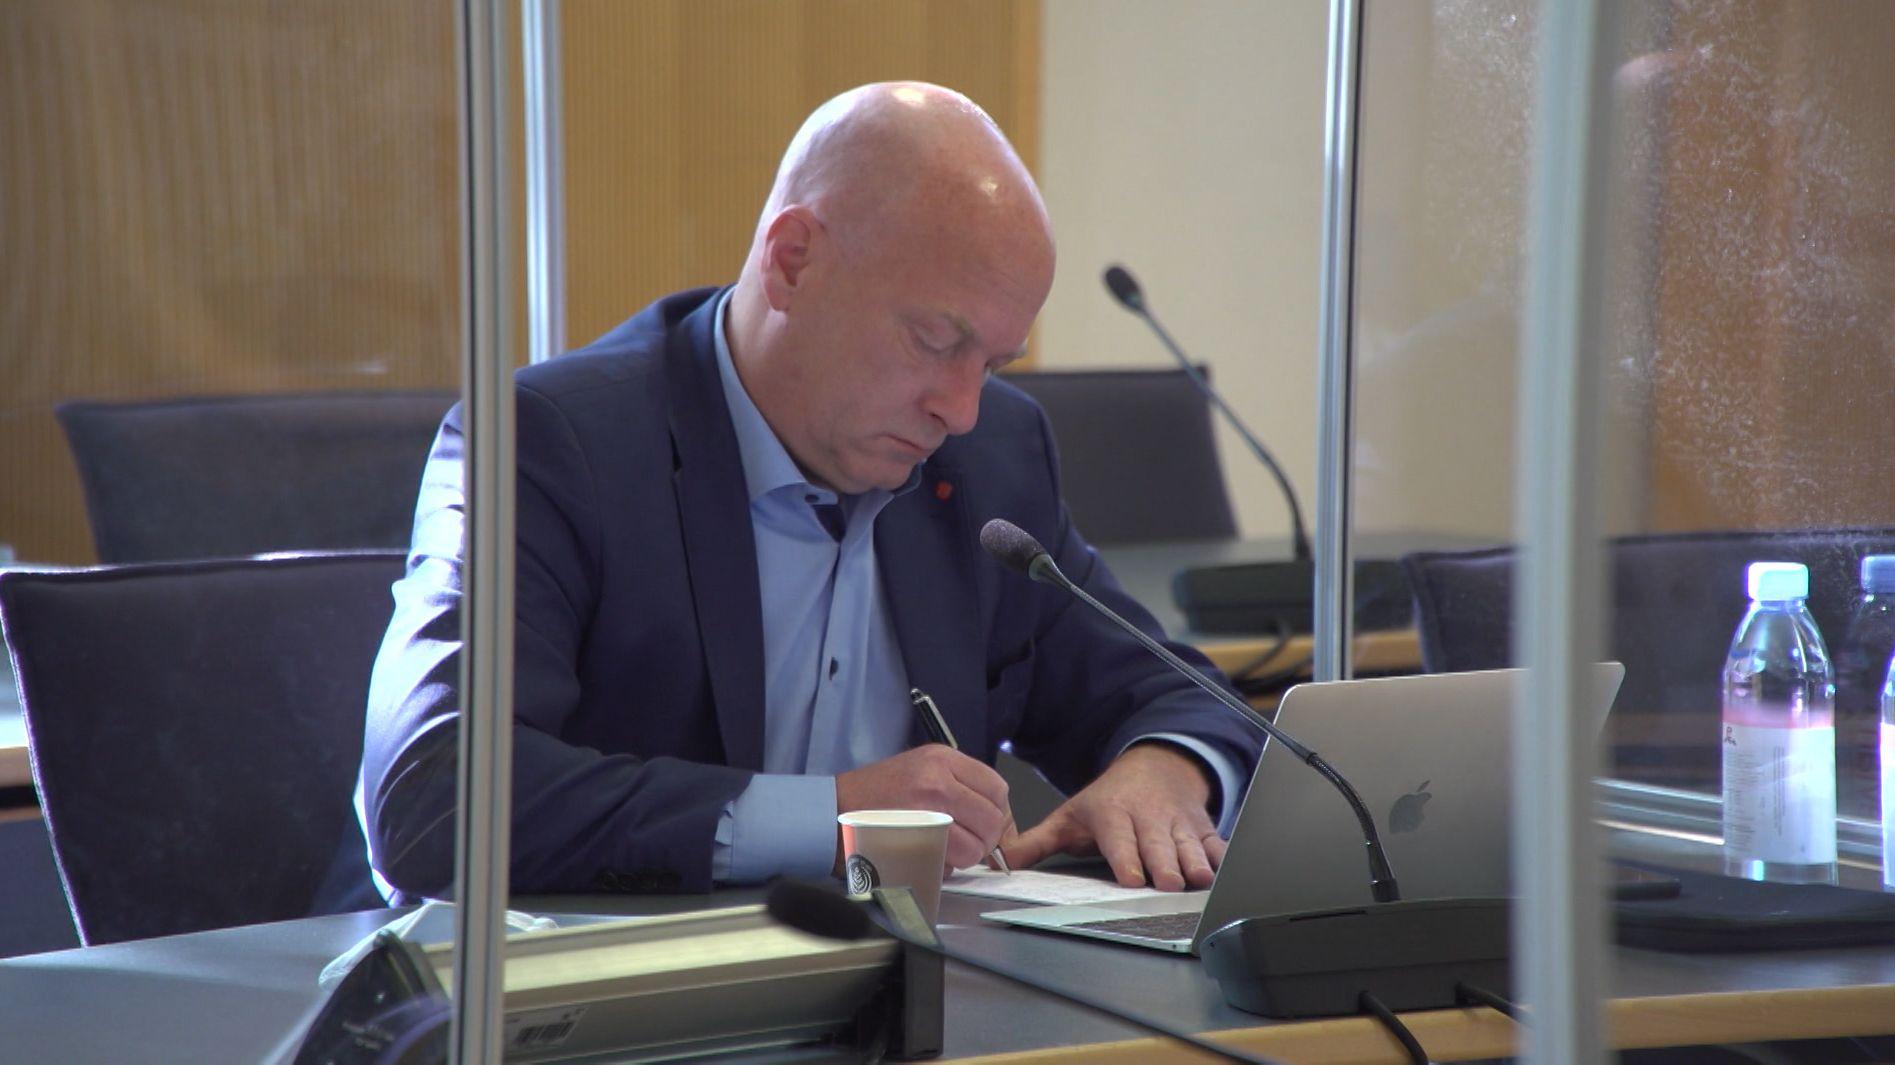 In Regensburg ist der Prozess gegen Ex-Oberbürgermeister Wolbergs fortgesetzt worden. Sein Anwalt plädierte auf Einstellung des Verfahrens oder Freispruch. In diesem zweiten Prozess gegen Wolbergs geht es um Parteispenden von Bauunternehmern im Kommunalwahlkampf 2014. Dem früheren SPD-Politiker wird dabei unter anderem Bestechlichkeit vorgeworfen.